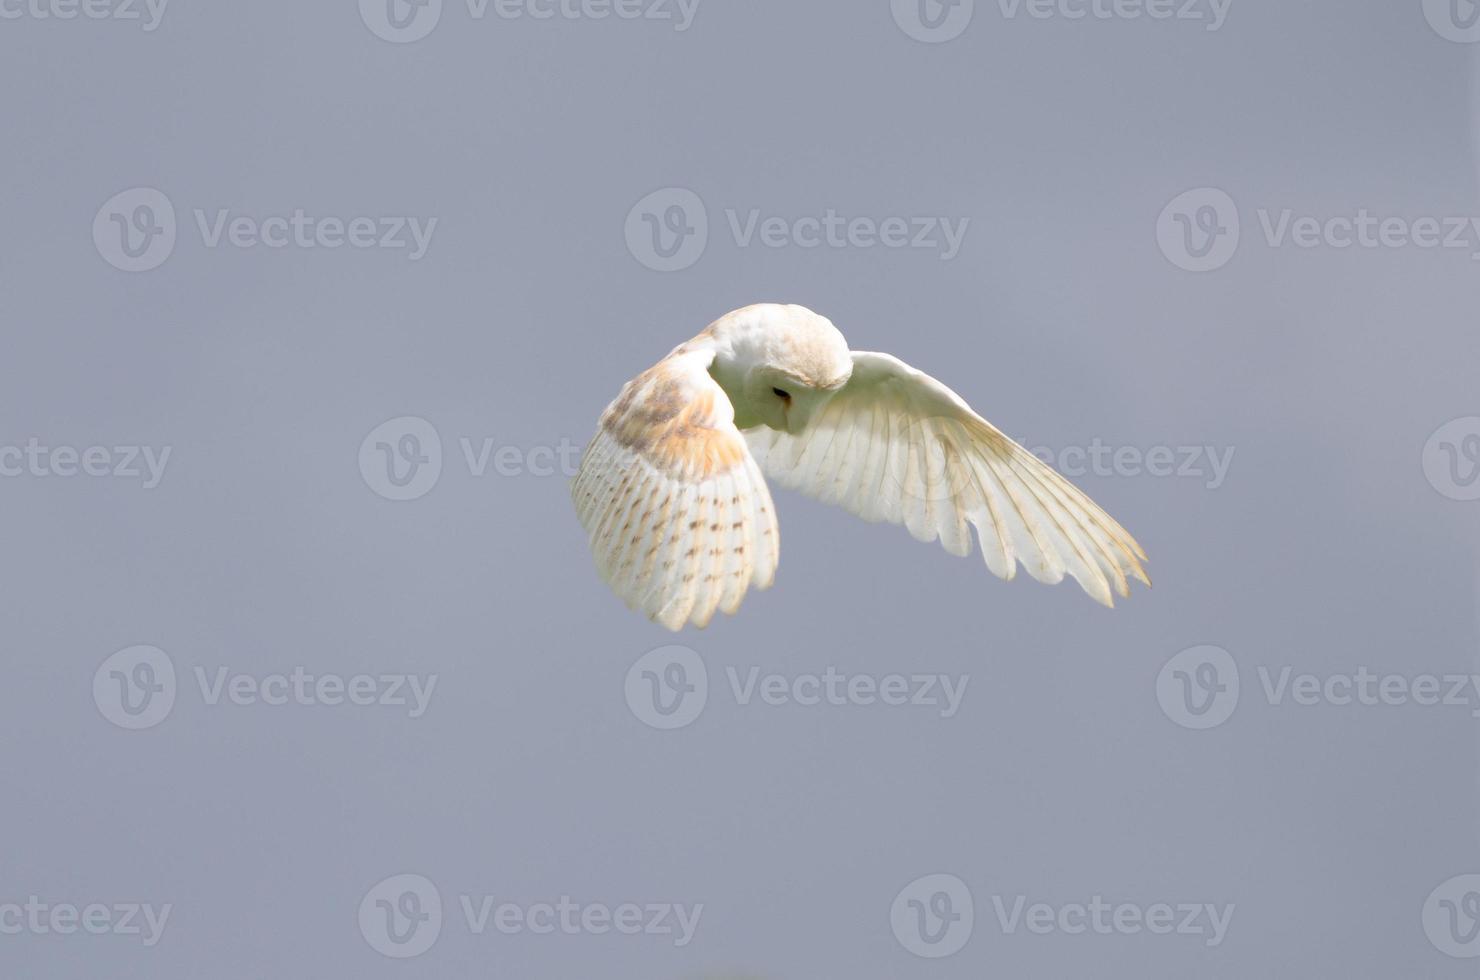 caccia al barbagianni volante (tyto alba) foto